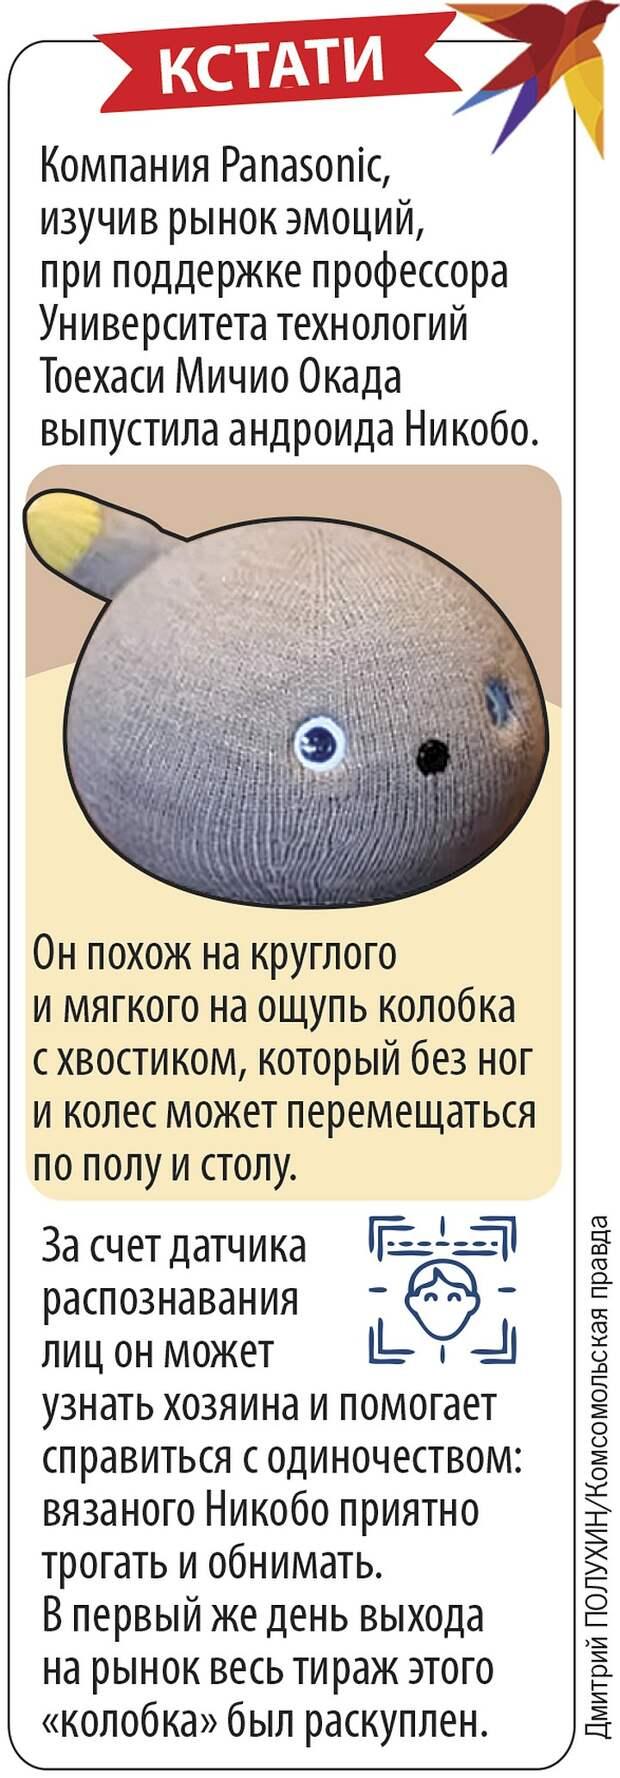 Виртуальные звезды соцсетей: Настю Ивлееву в Инстаграме заменит электронная Анна